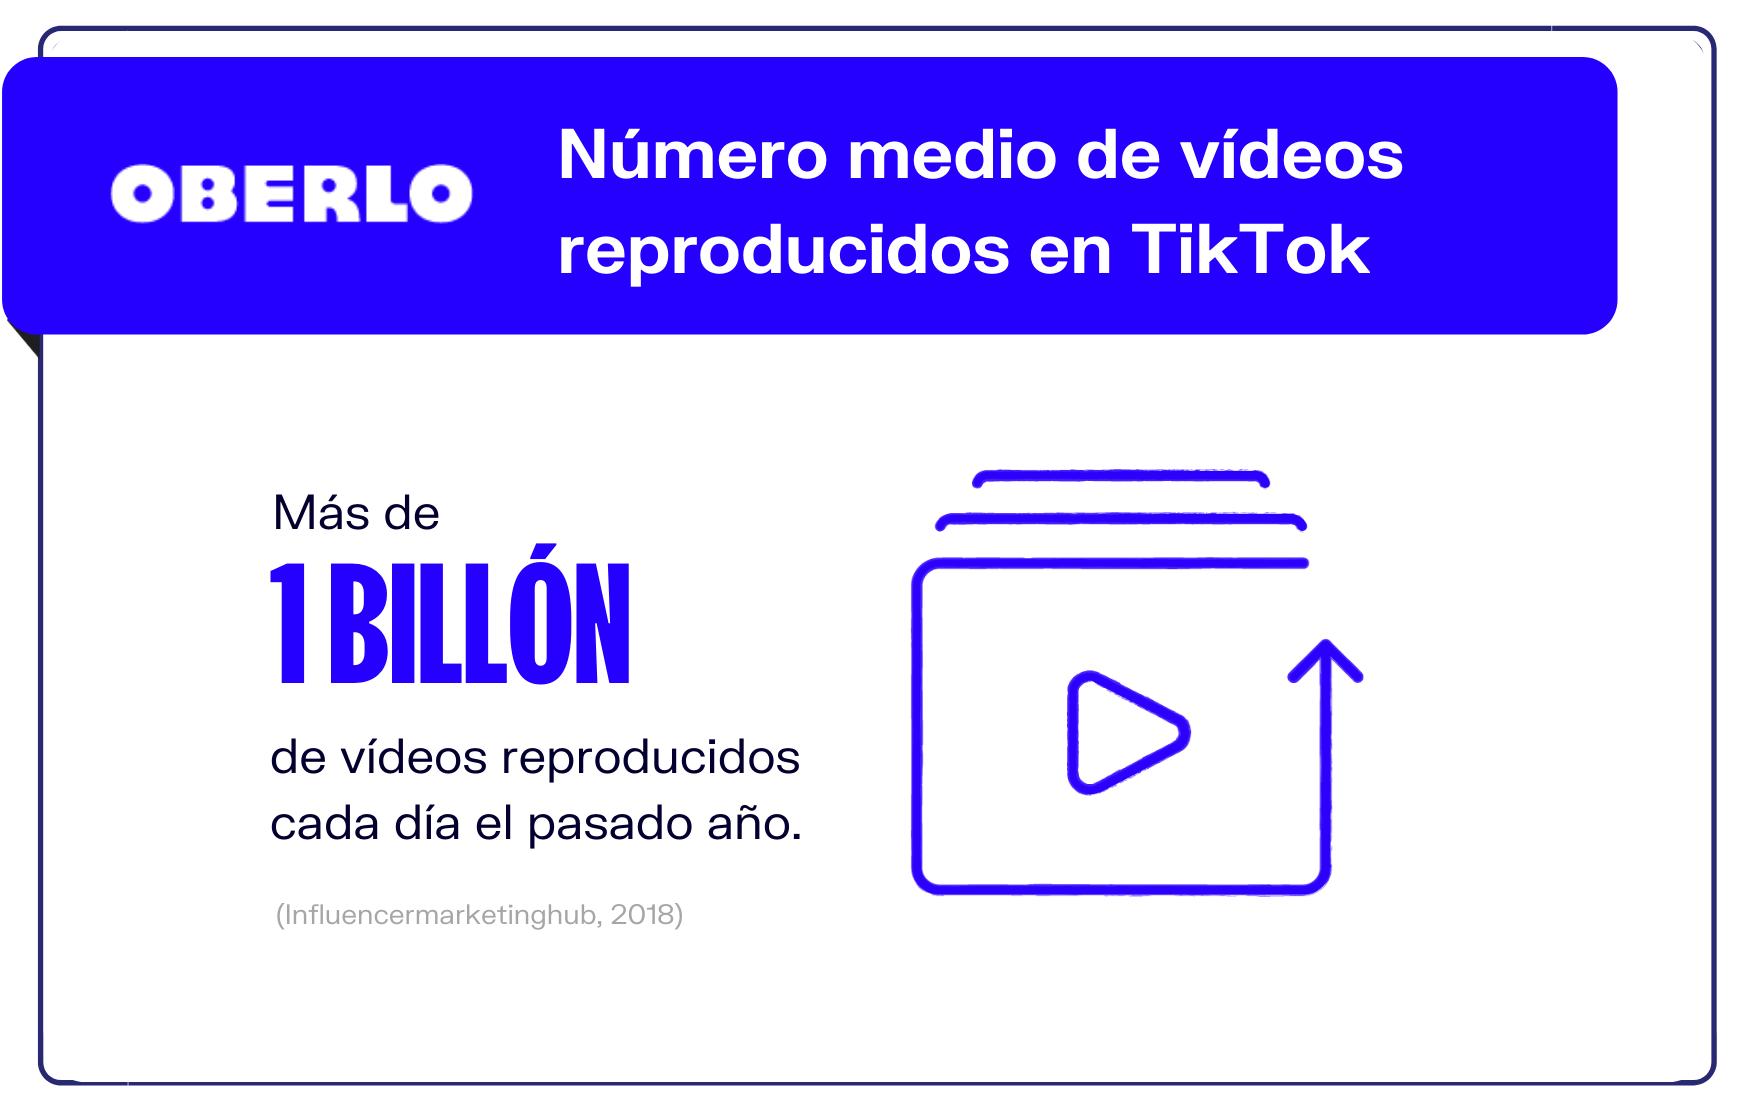 10-Videos-vistos-al-dia-en-TikTok